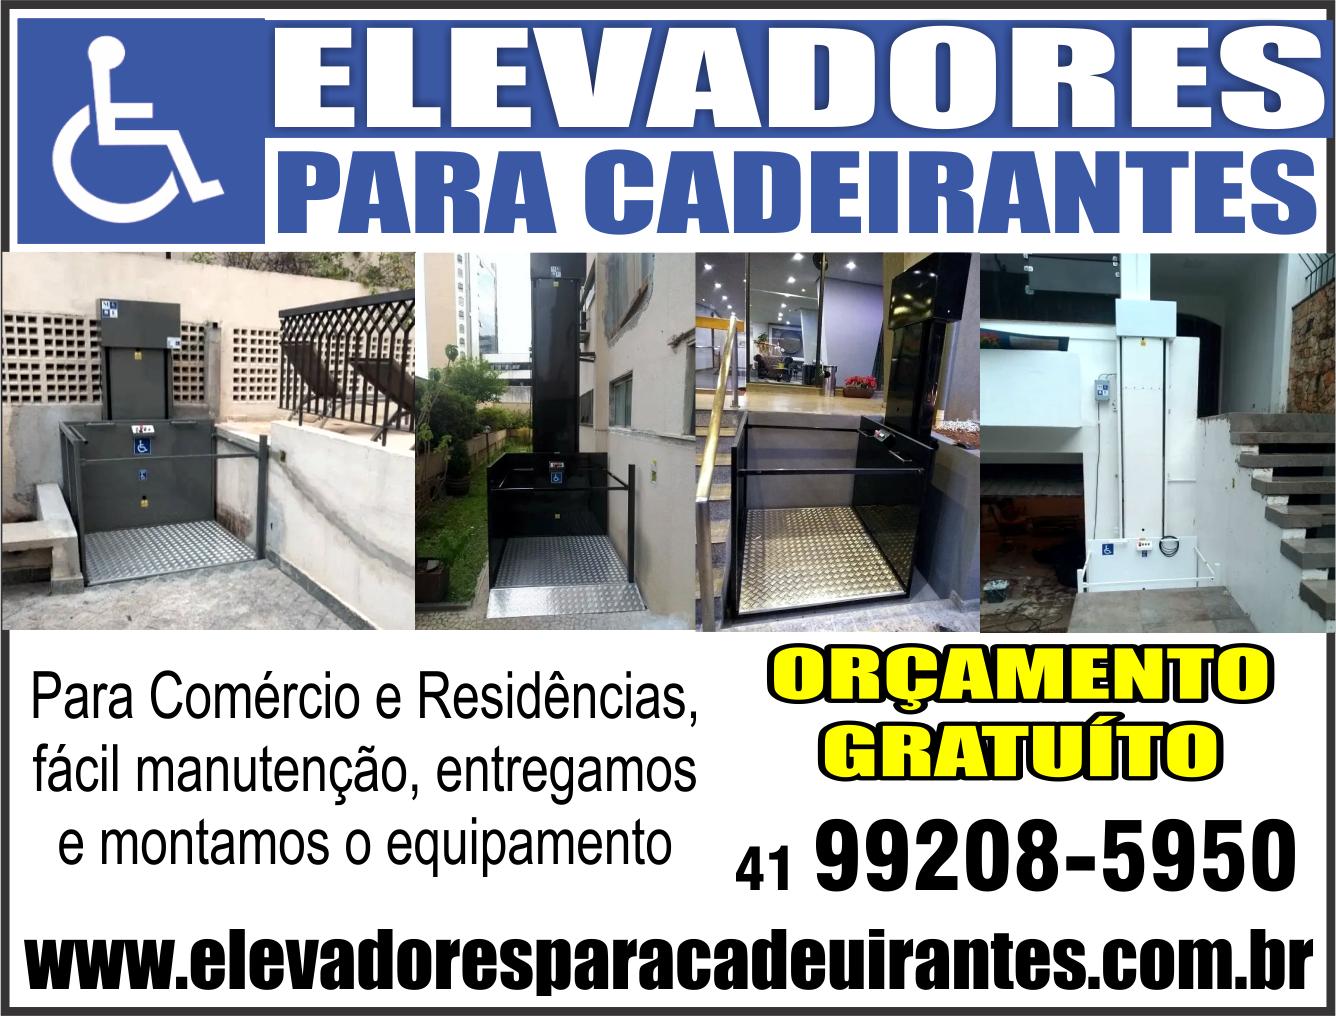 Elevadores para Cadeirantes      Fones: (41) 99208-5950 /